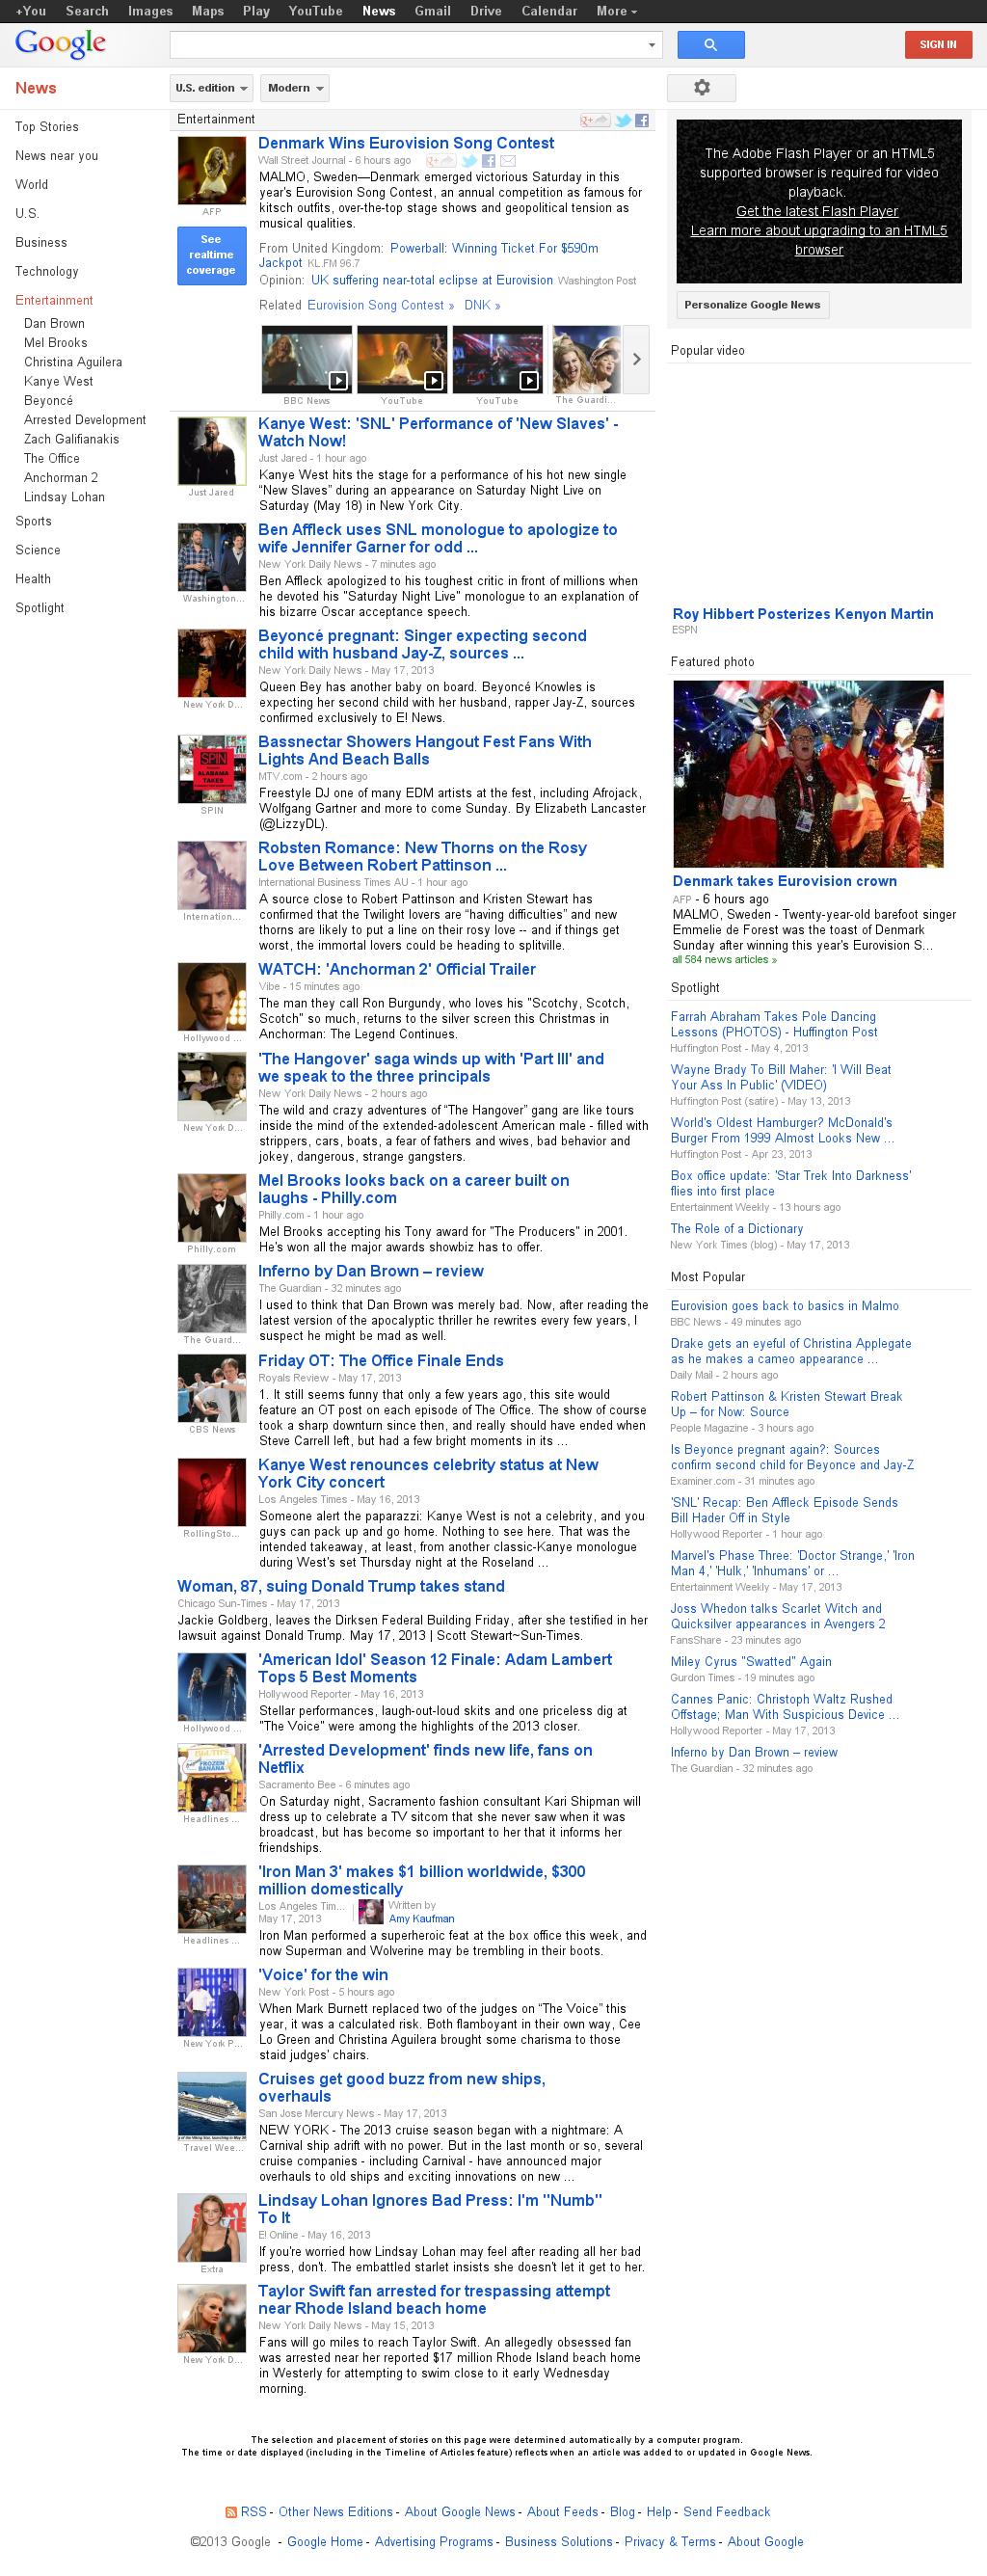 Google News: Entertainment at Sunday May 19, 2013, 8:07 a.m. UTC